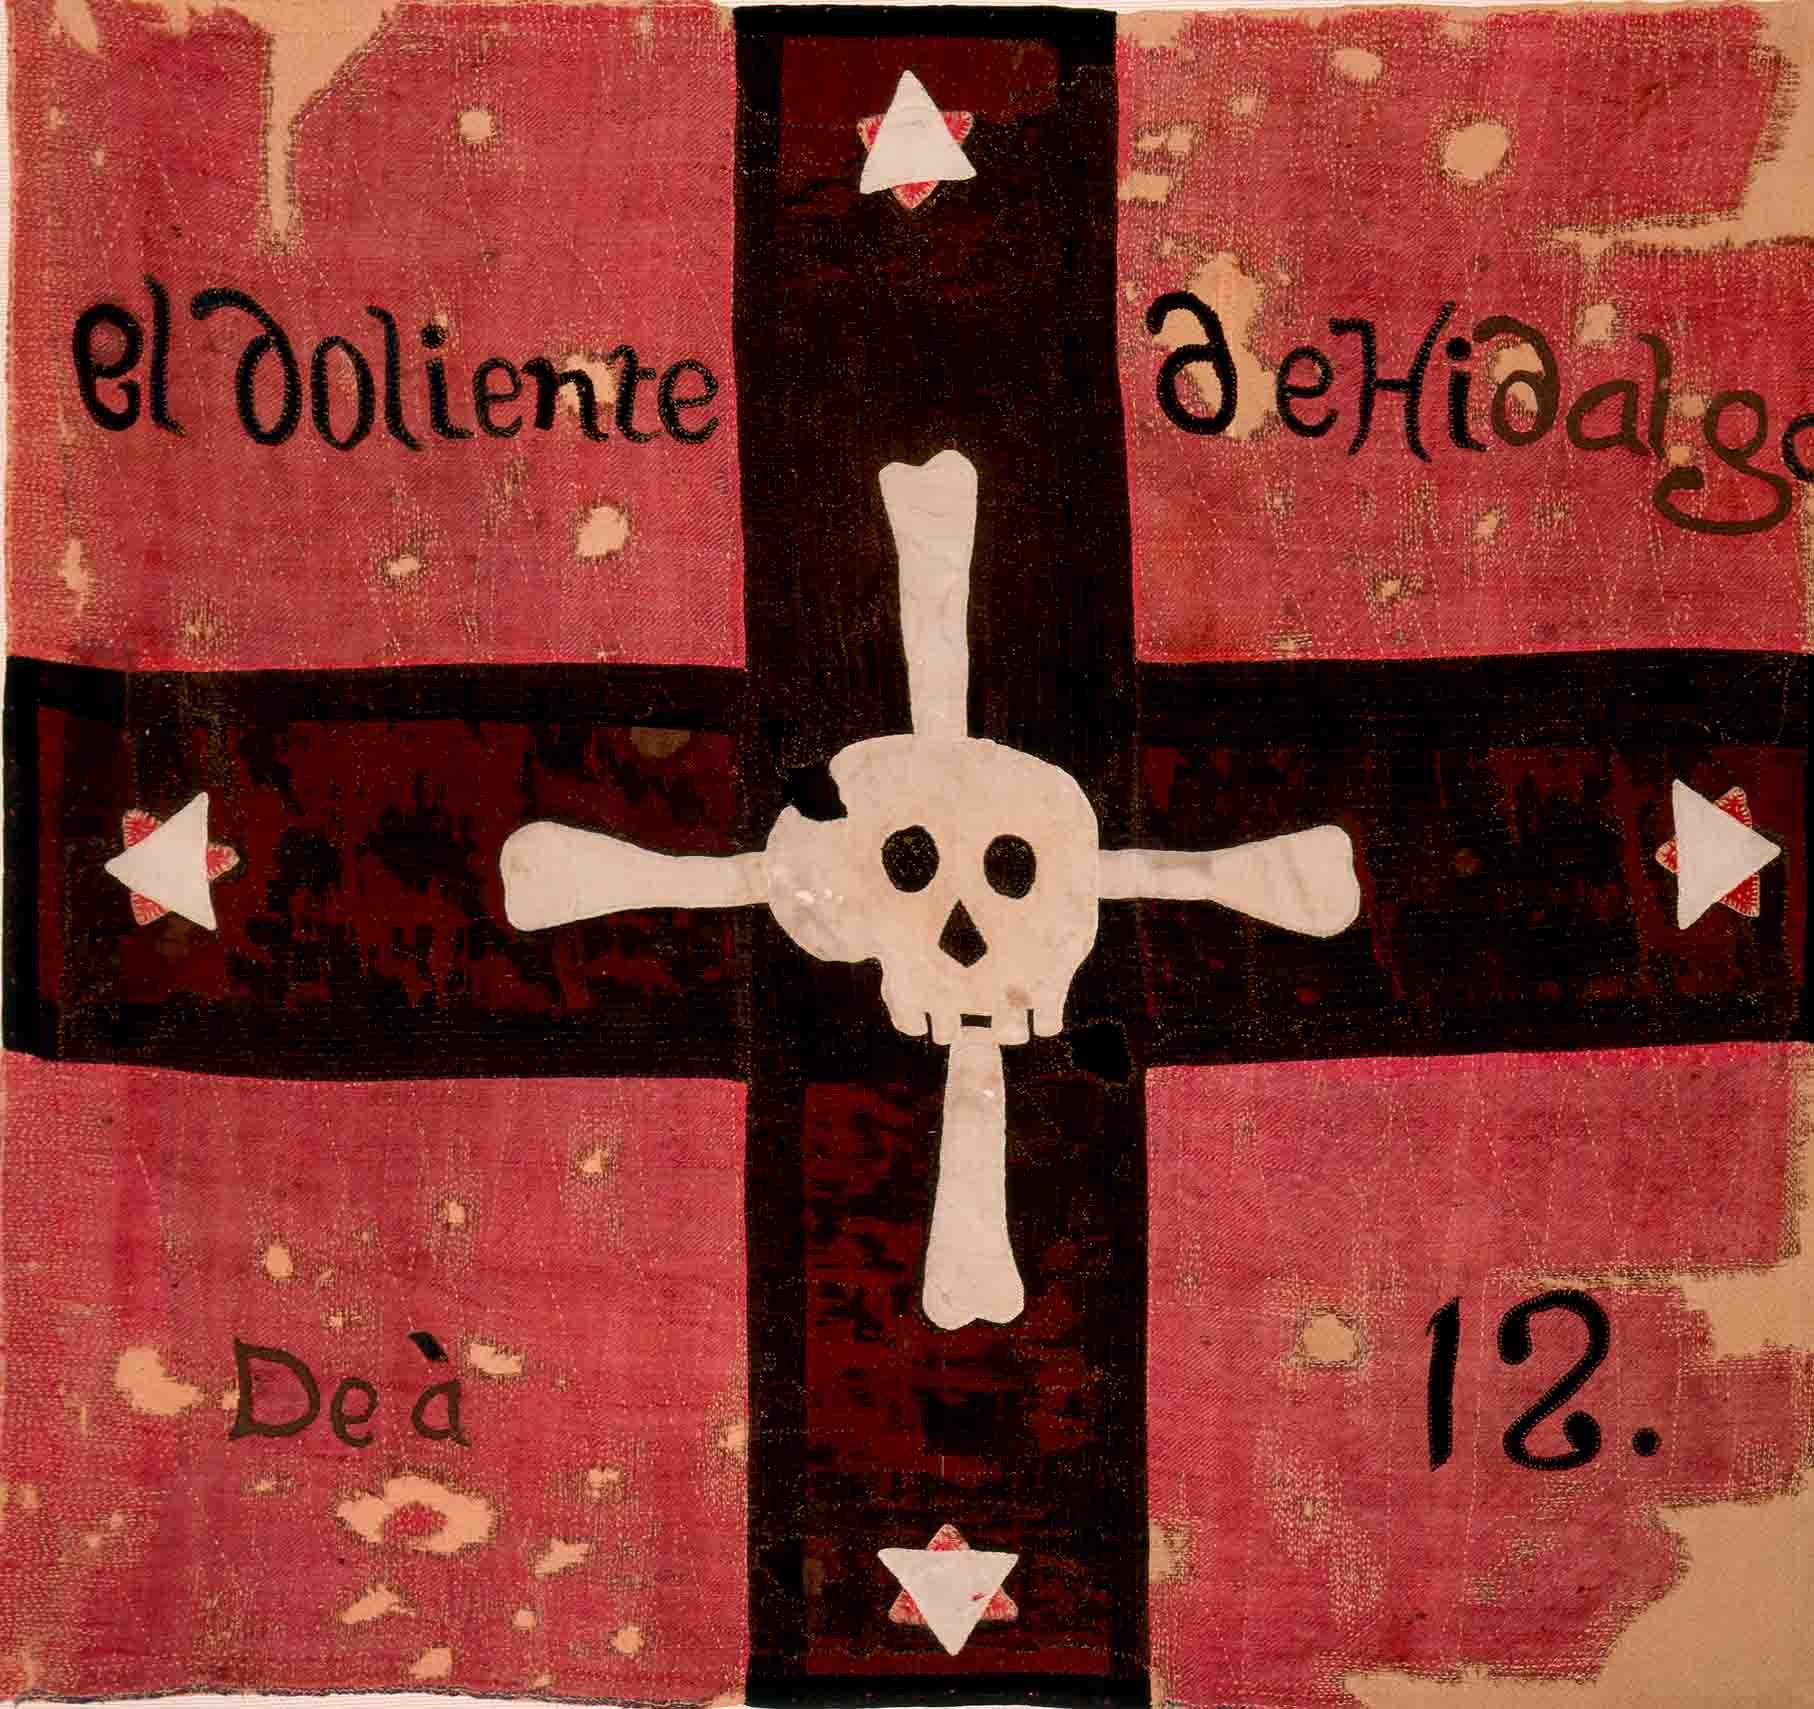 La bandera llamada «del Regimiento de la muerte» o «Dolientes de Hidalgo», en la cual la imagen de una calavera con cuatro huesos descansa sobre una cruz negra y un paño rojo, fue enarbolada, a partir de 1811, por el el cura José María Cos. «Los dolientes de Hidalgo», como se hacían llamar los miembros del regimiento, tenían como consigna hacer «la guerra a muerte y sin cuartel a los tiranos opresores» pero fueron completamente derrotados por las fuerzas realistas el 2 de enero de 1812, en Zitácuaro.